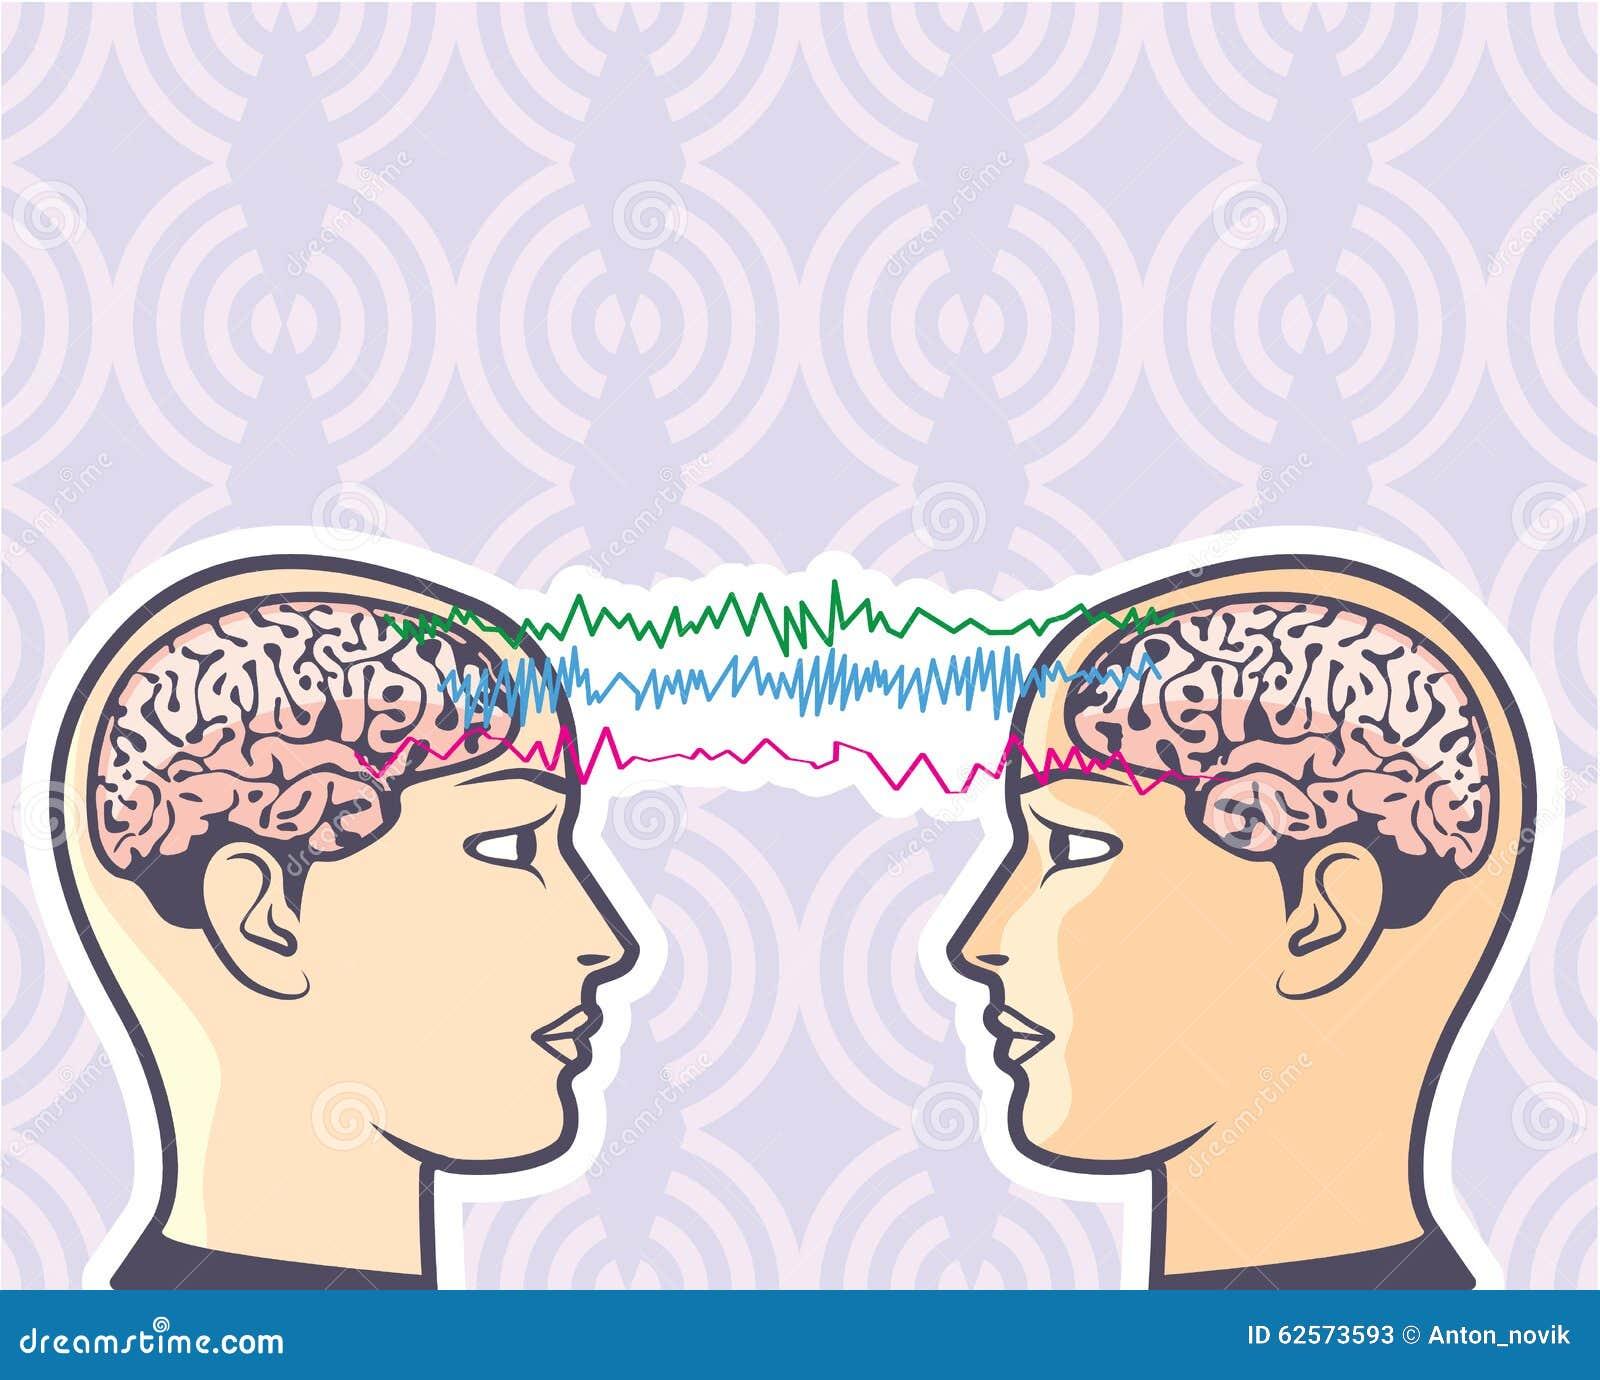 https://thumbs.dreamstime.com/z/tlpathie-entre-les-esprits-humains-par-l-intermdiaire-de-l-illustration-de-vecteur-d-ondes-crbrales-62573593.jpg